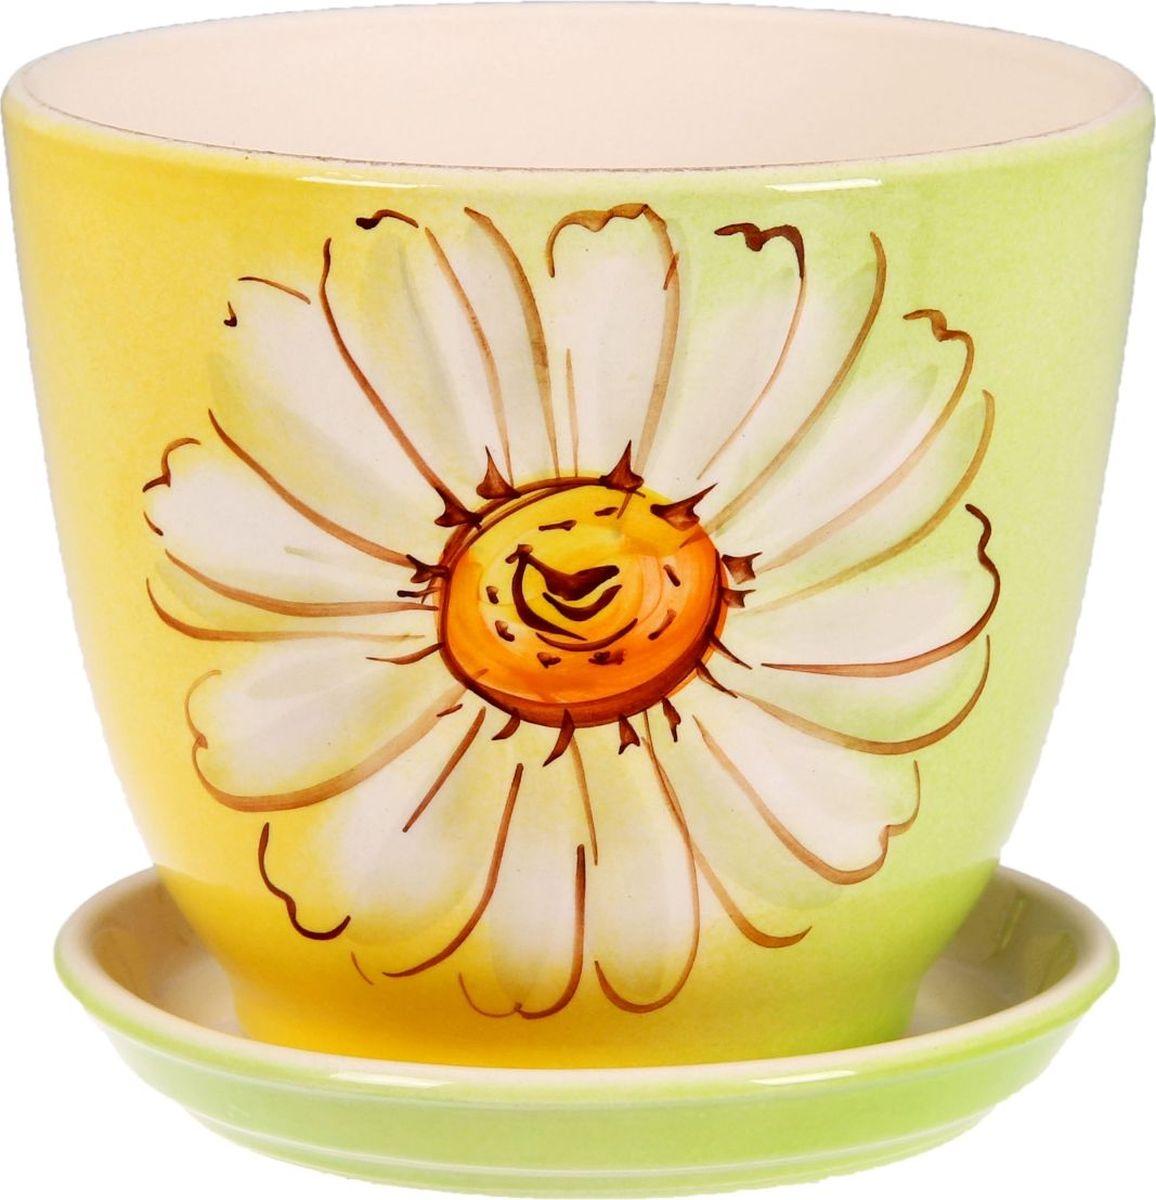 Кашпо Керамика ручной работы Кедр. Ромашка, 2,2 л1099342Комнатные растения - всеобщие любимцы. Они радуют глаз, насыщают помещение кислородом и украшают пространство. Каждому из них необходим свой удобный и красивый дом. Кашпо из керамики прекрасно подходят для высадки растений:пористый материал позволяет испаряться лишней влаге;воздух, необходимый для дыхания корней, проникает сквозь керамические стенки. Кашпо Кедр. Ромашка позаботится о зеленом питомце, освежит интерьер и подчеркнет его стиль.